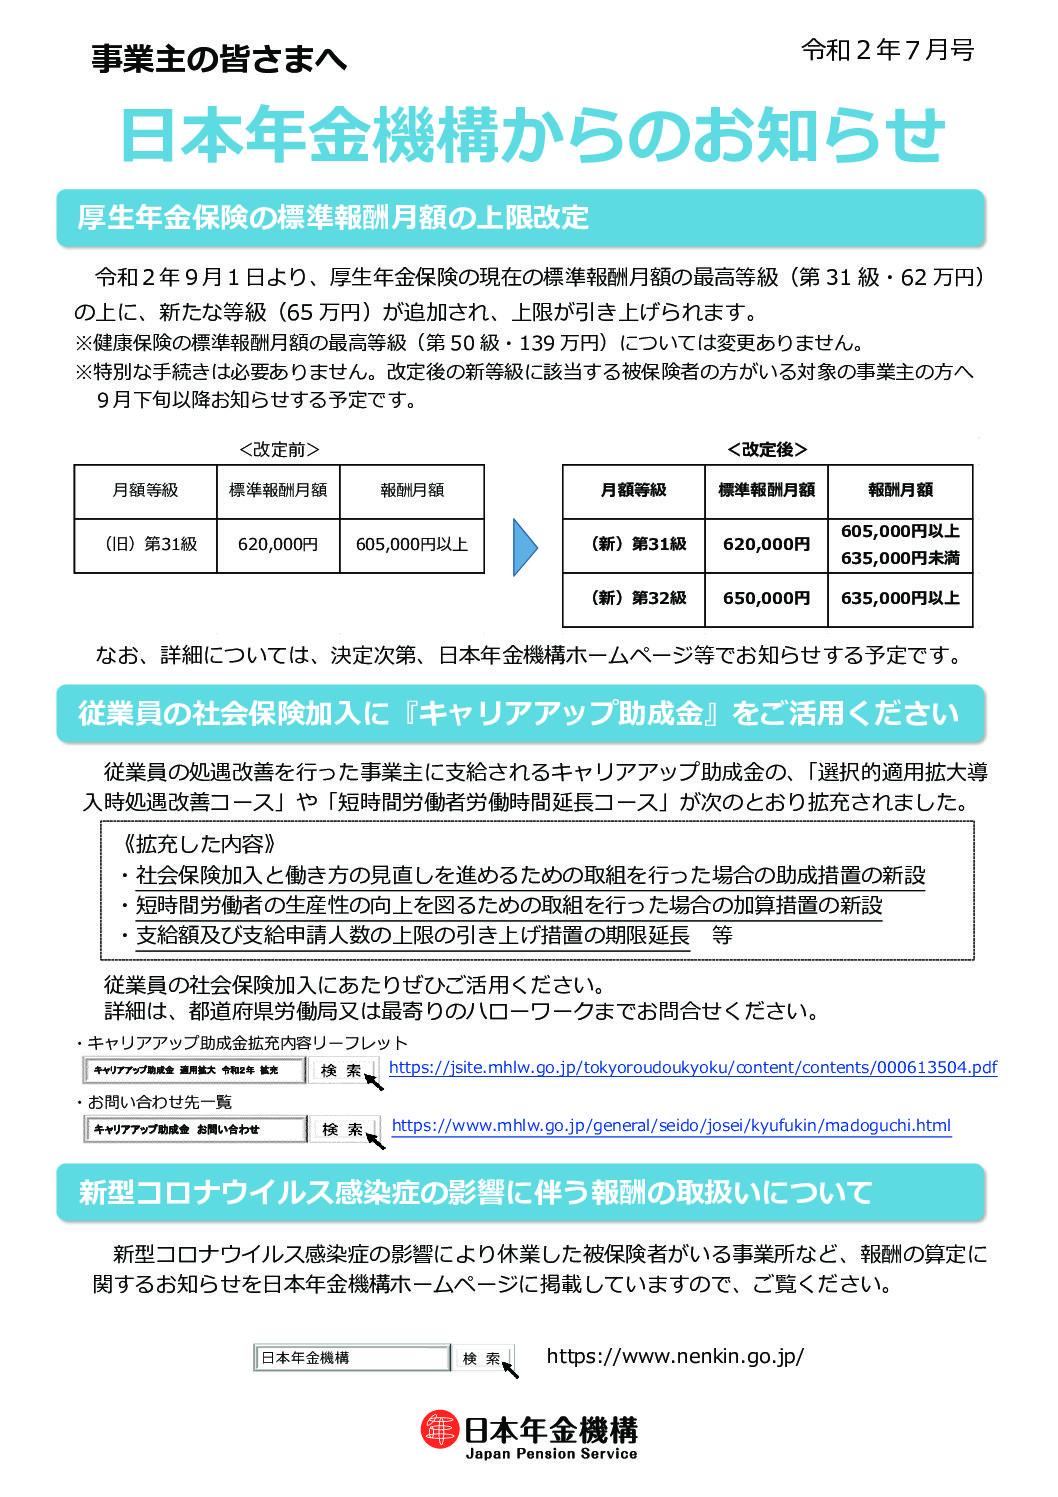 厚生年金保険の標準報酬月額の上限改定【令和2年9月から】